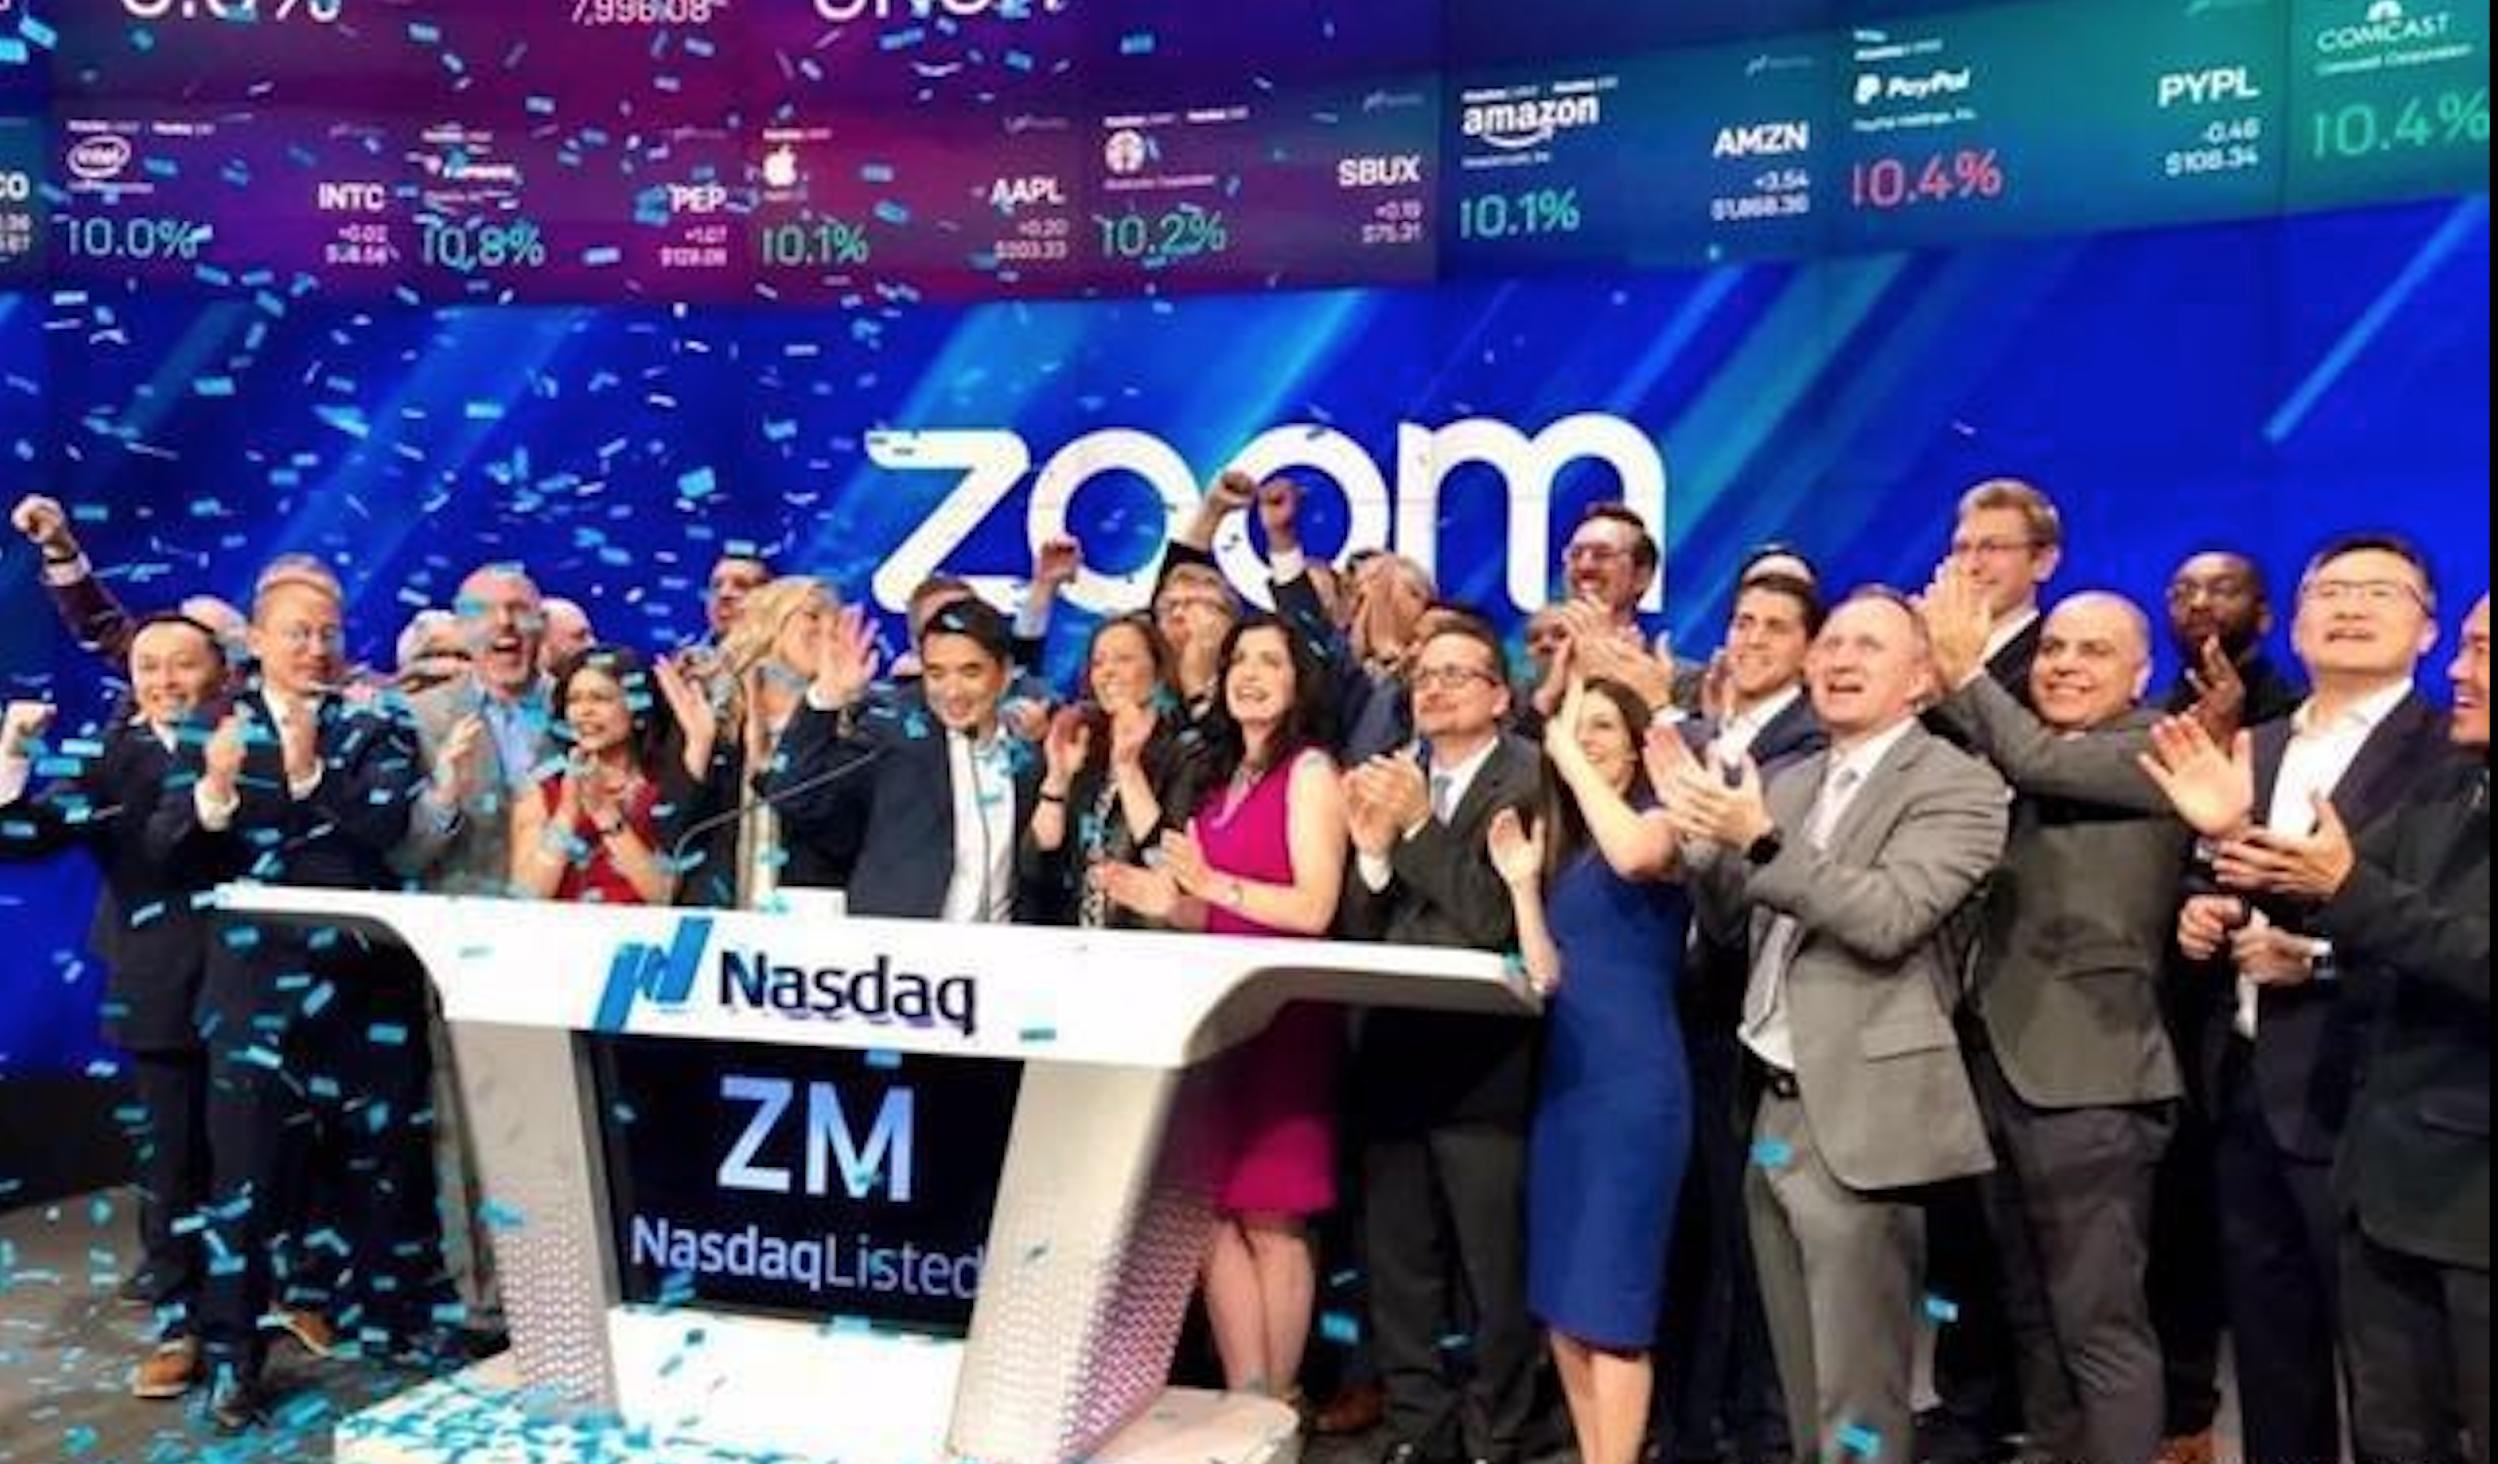 取代思科、Skype,Zoom 成为北美最受欢迎的视频会议品牌